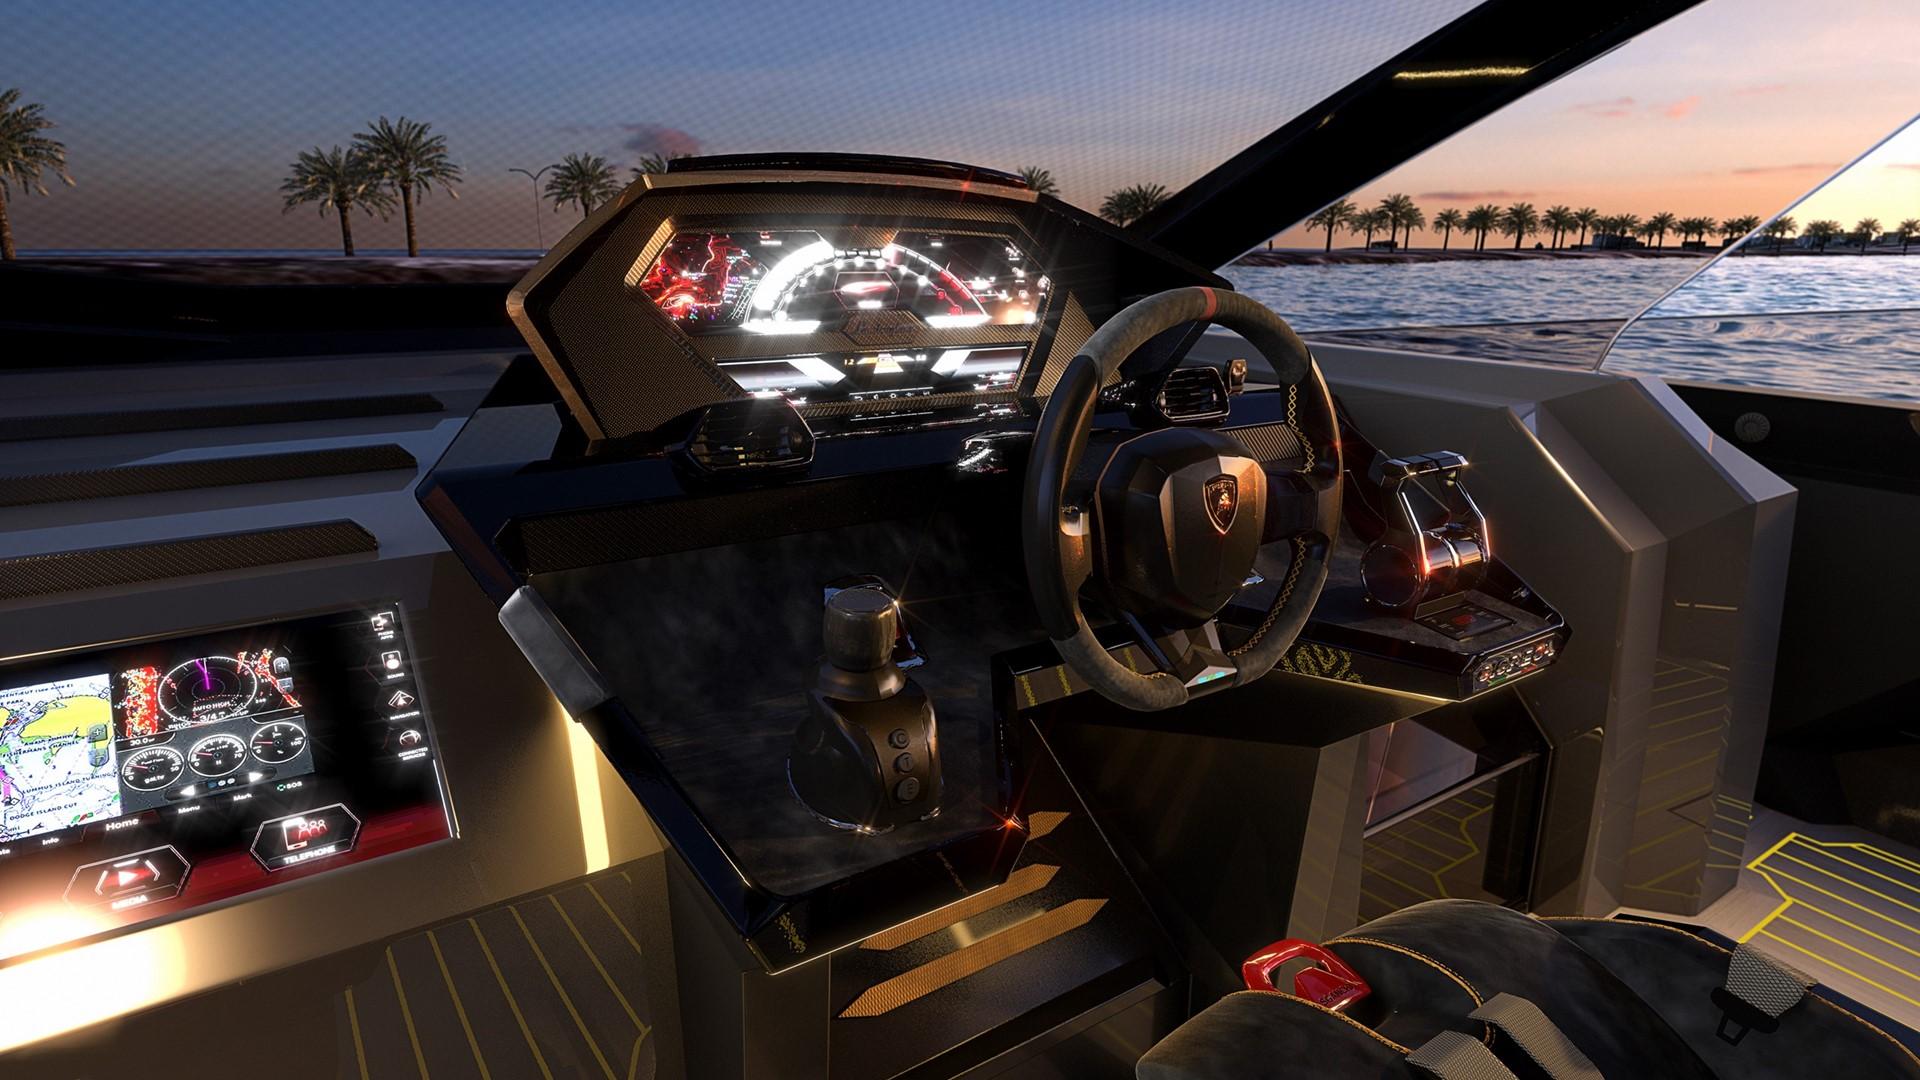 Automobili Lamborghini and The Italian Sea Group unveil the motor yacht 'Tecnomar for Lamborghini 63' - Image 6